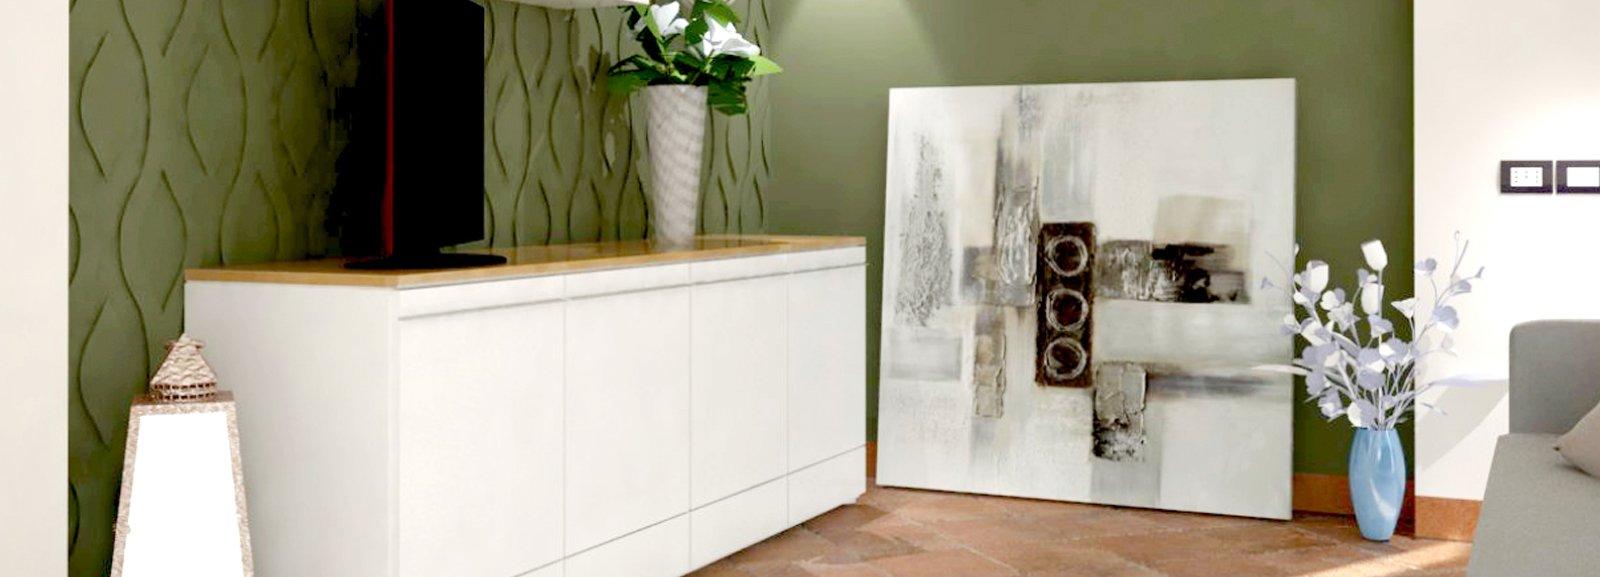 Arredamento Da Soggiorno : Pavimento in cotto e arredamento moderno cose di casa